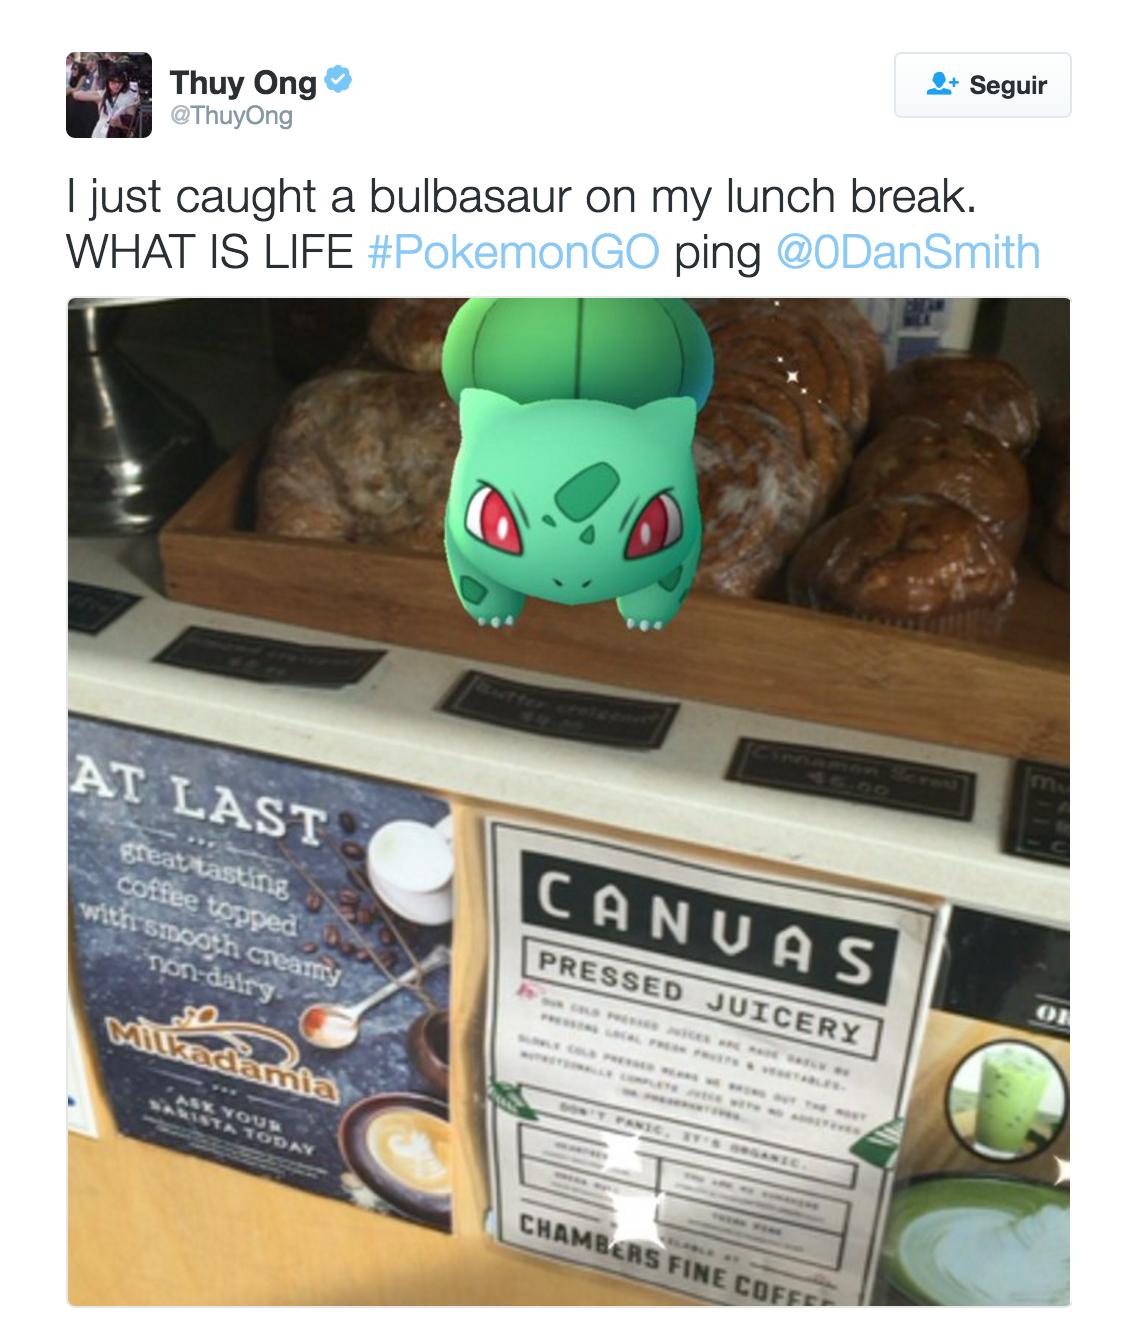 Pokemon Go ya se ha adueñado de la vida de millones de personas, y tú ¿a qué esperas?